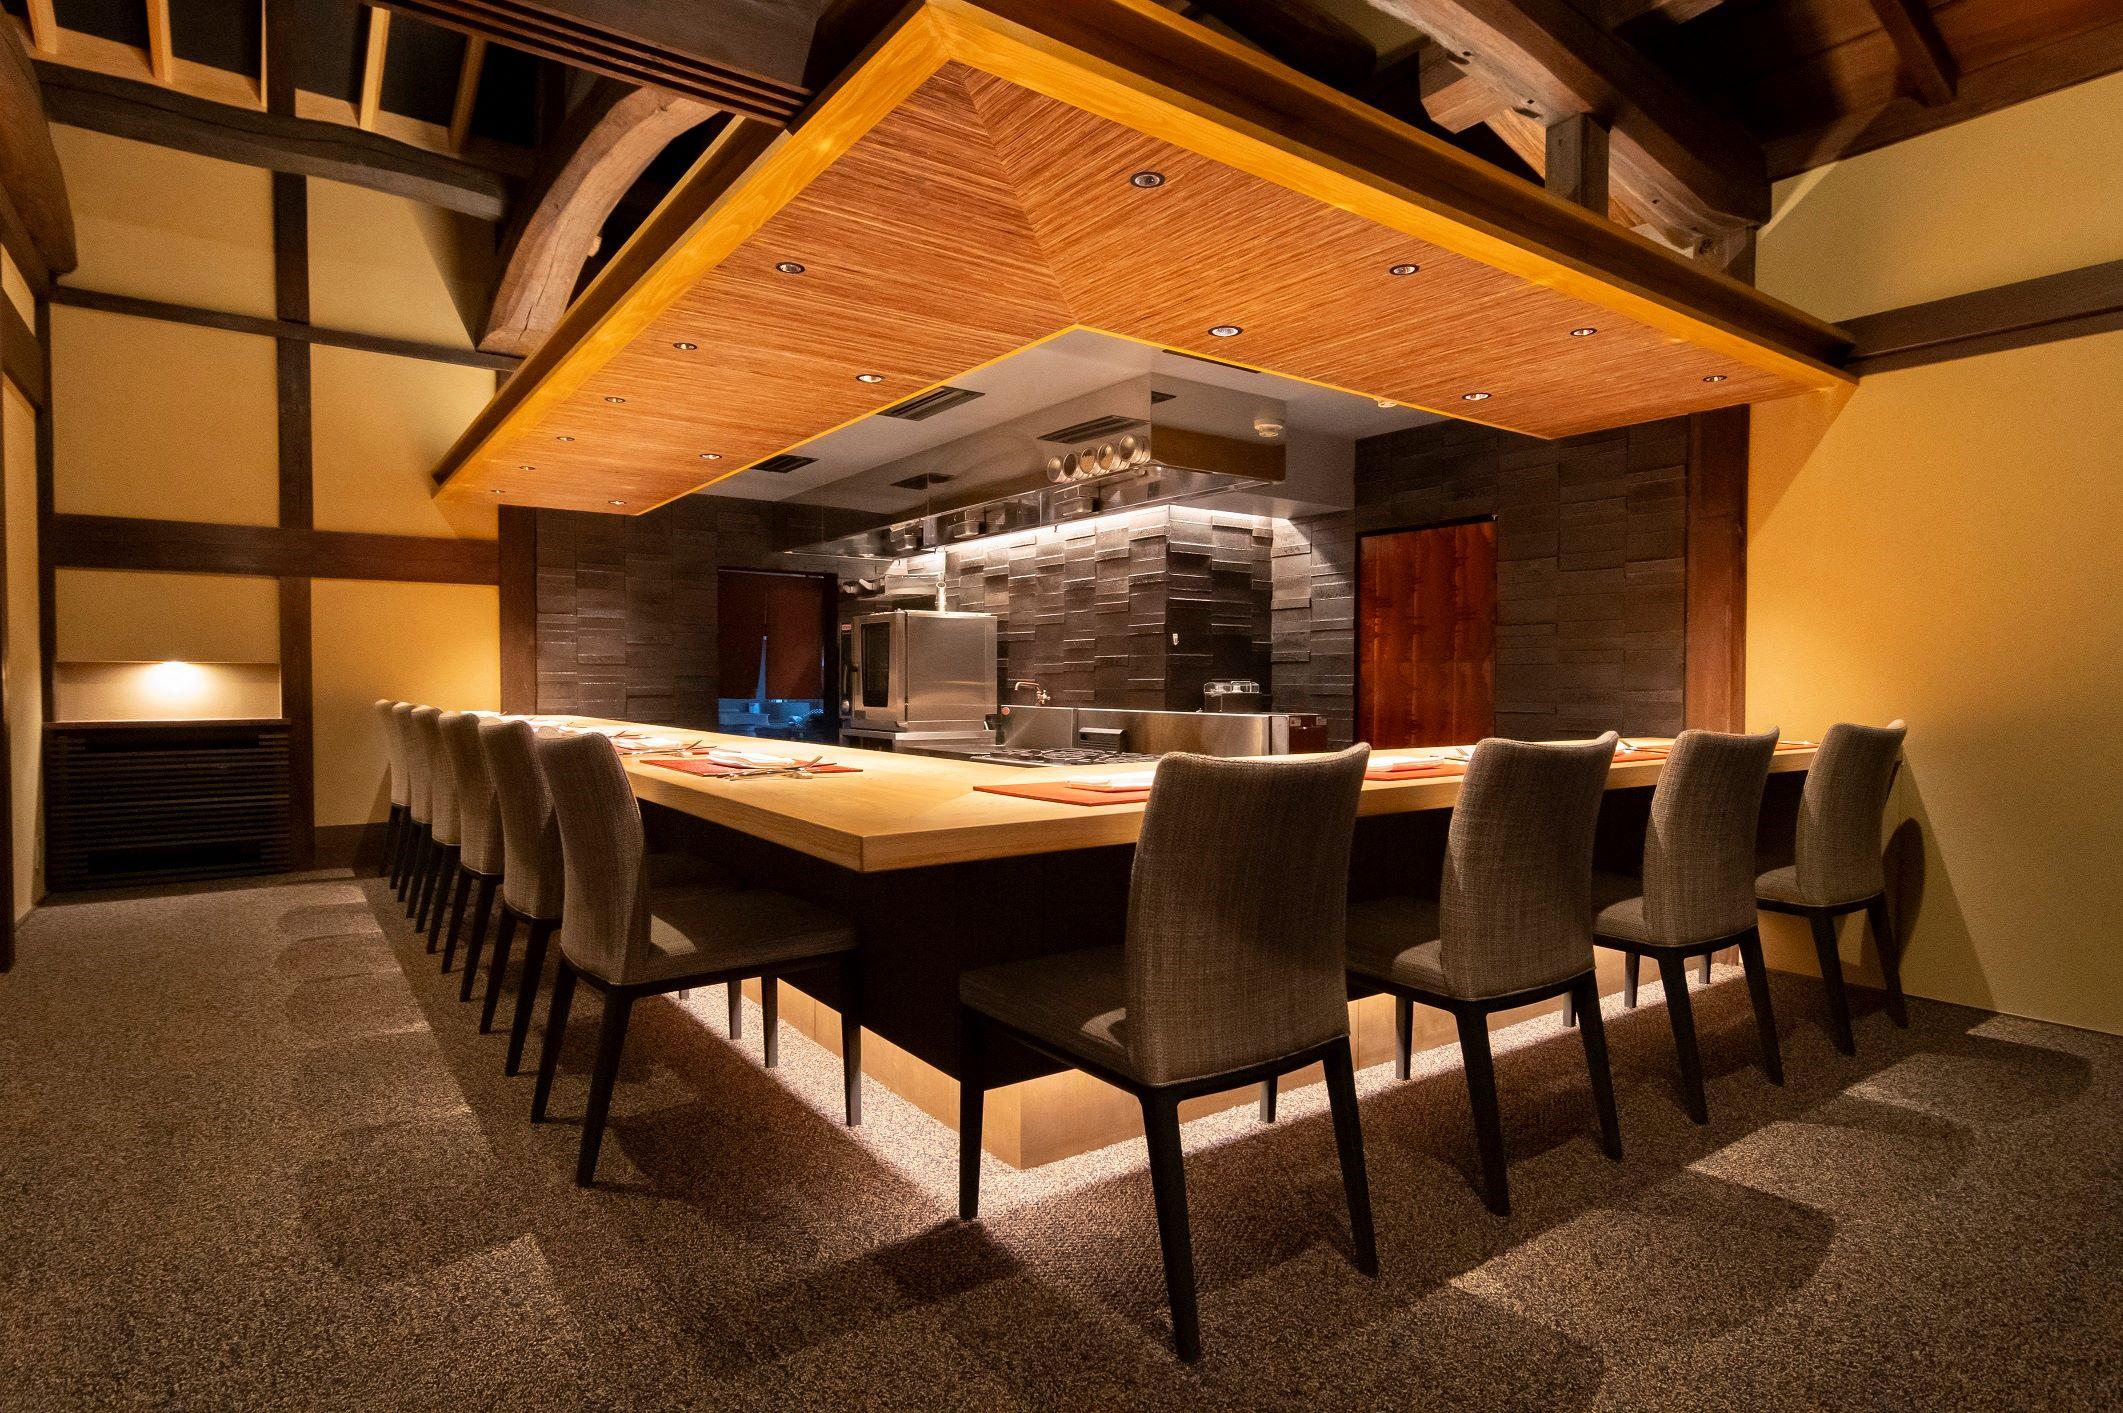 一軒家レストランのような特別感があり、ライブ感があるカウンター形式も楽しい。